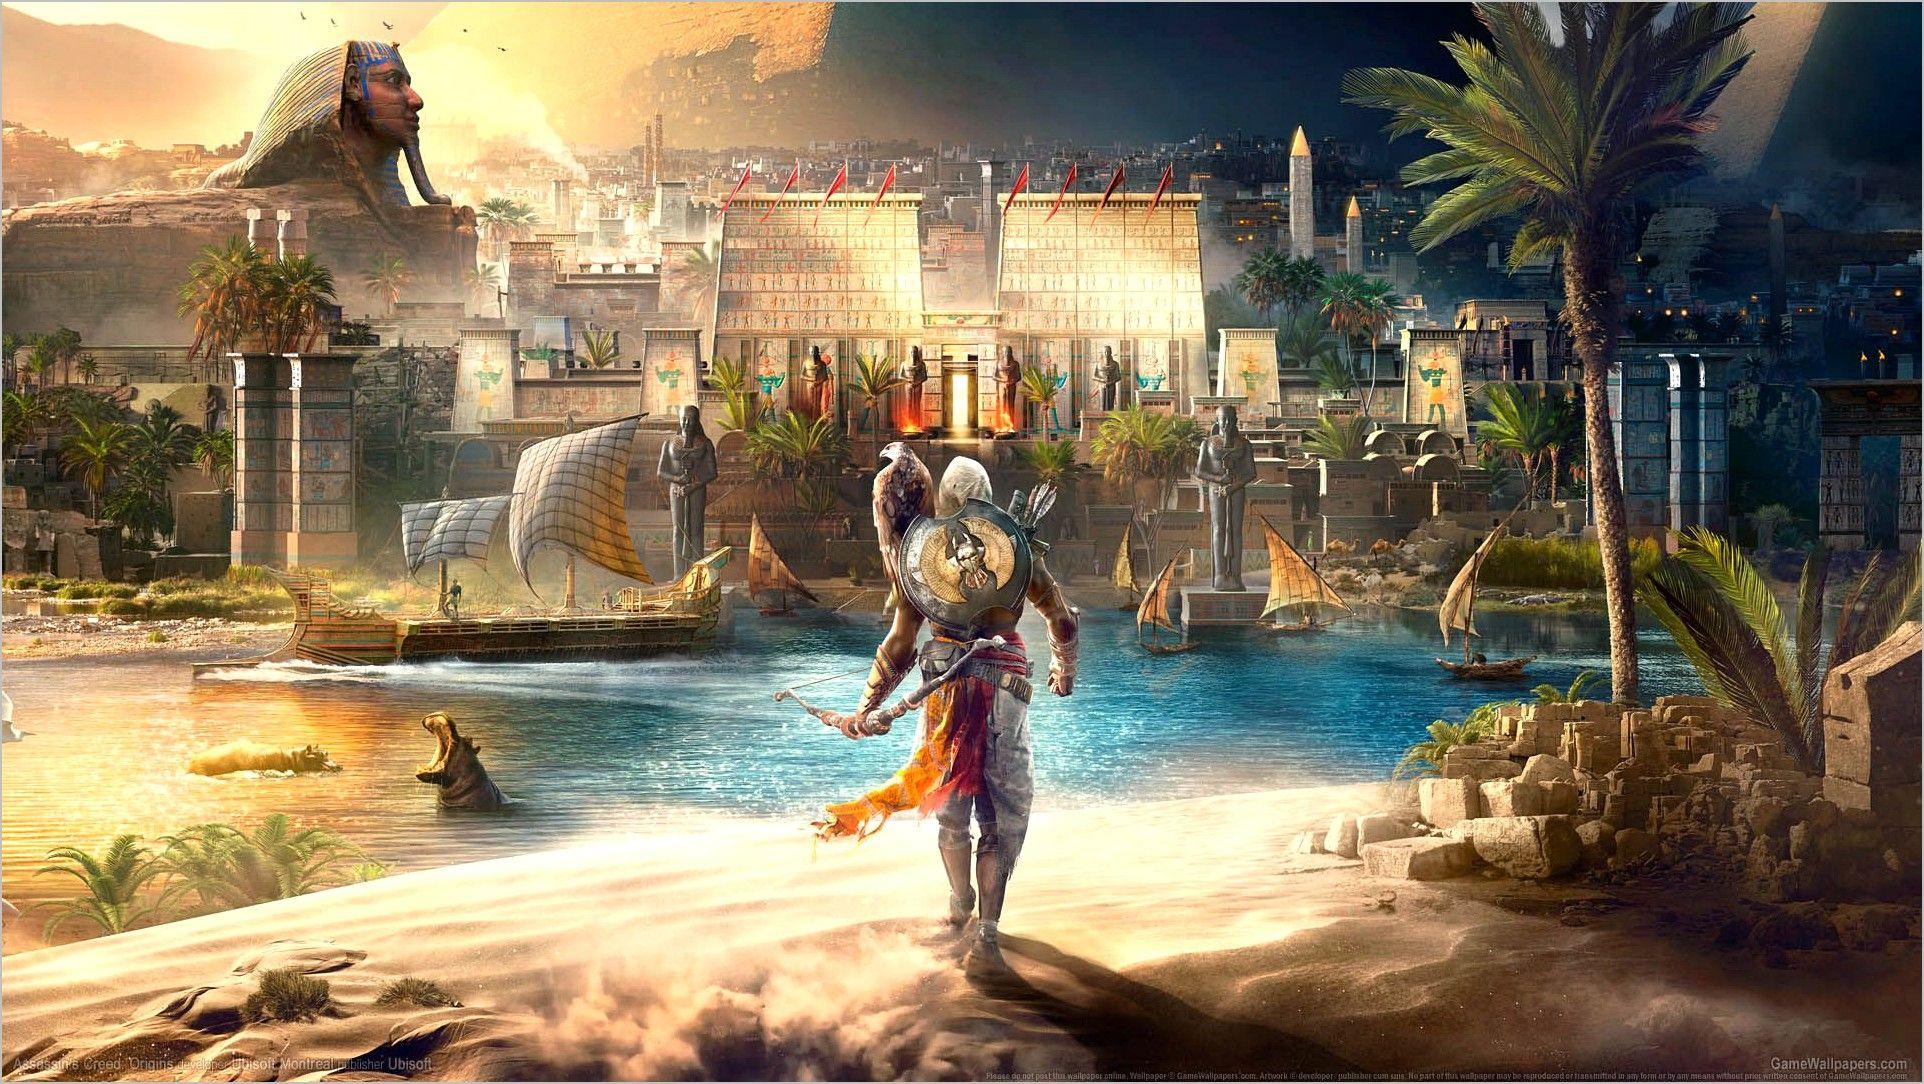 Assassin Creed Origin Wallpaper 4k In 2020 Assassins Creed Origins Assassins Creed Assassin S Creed